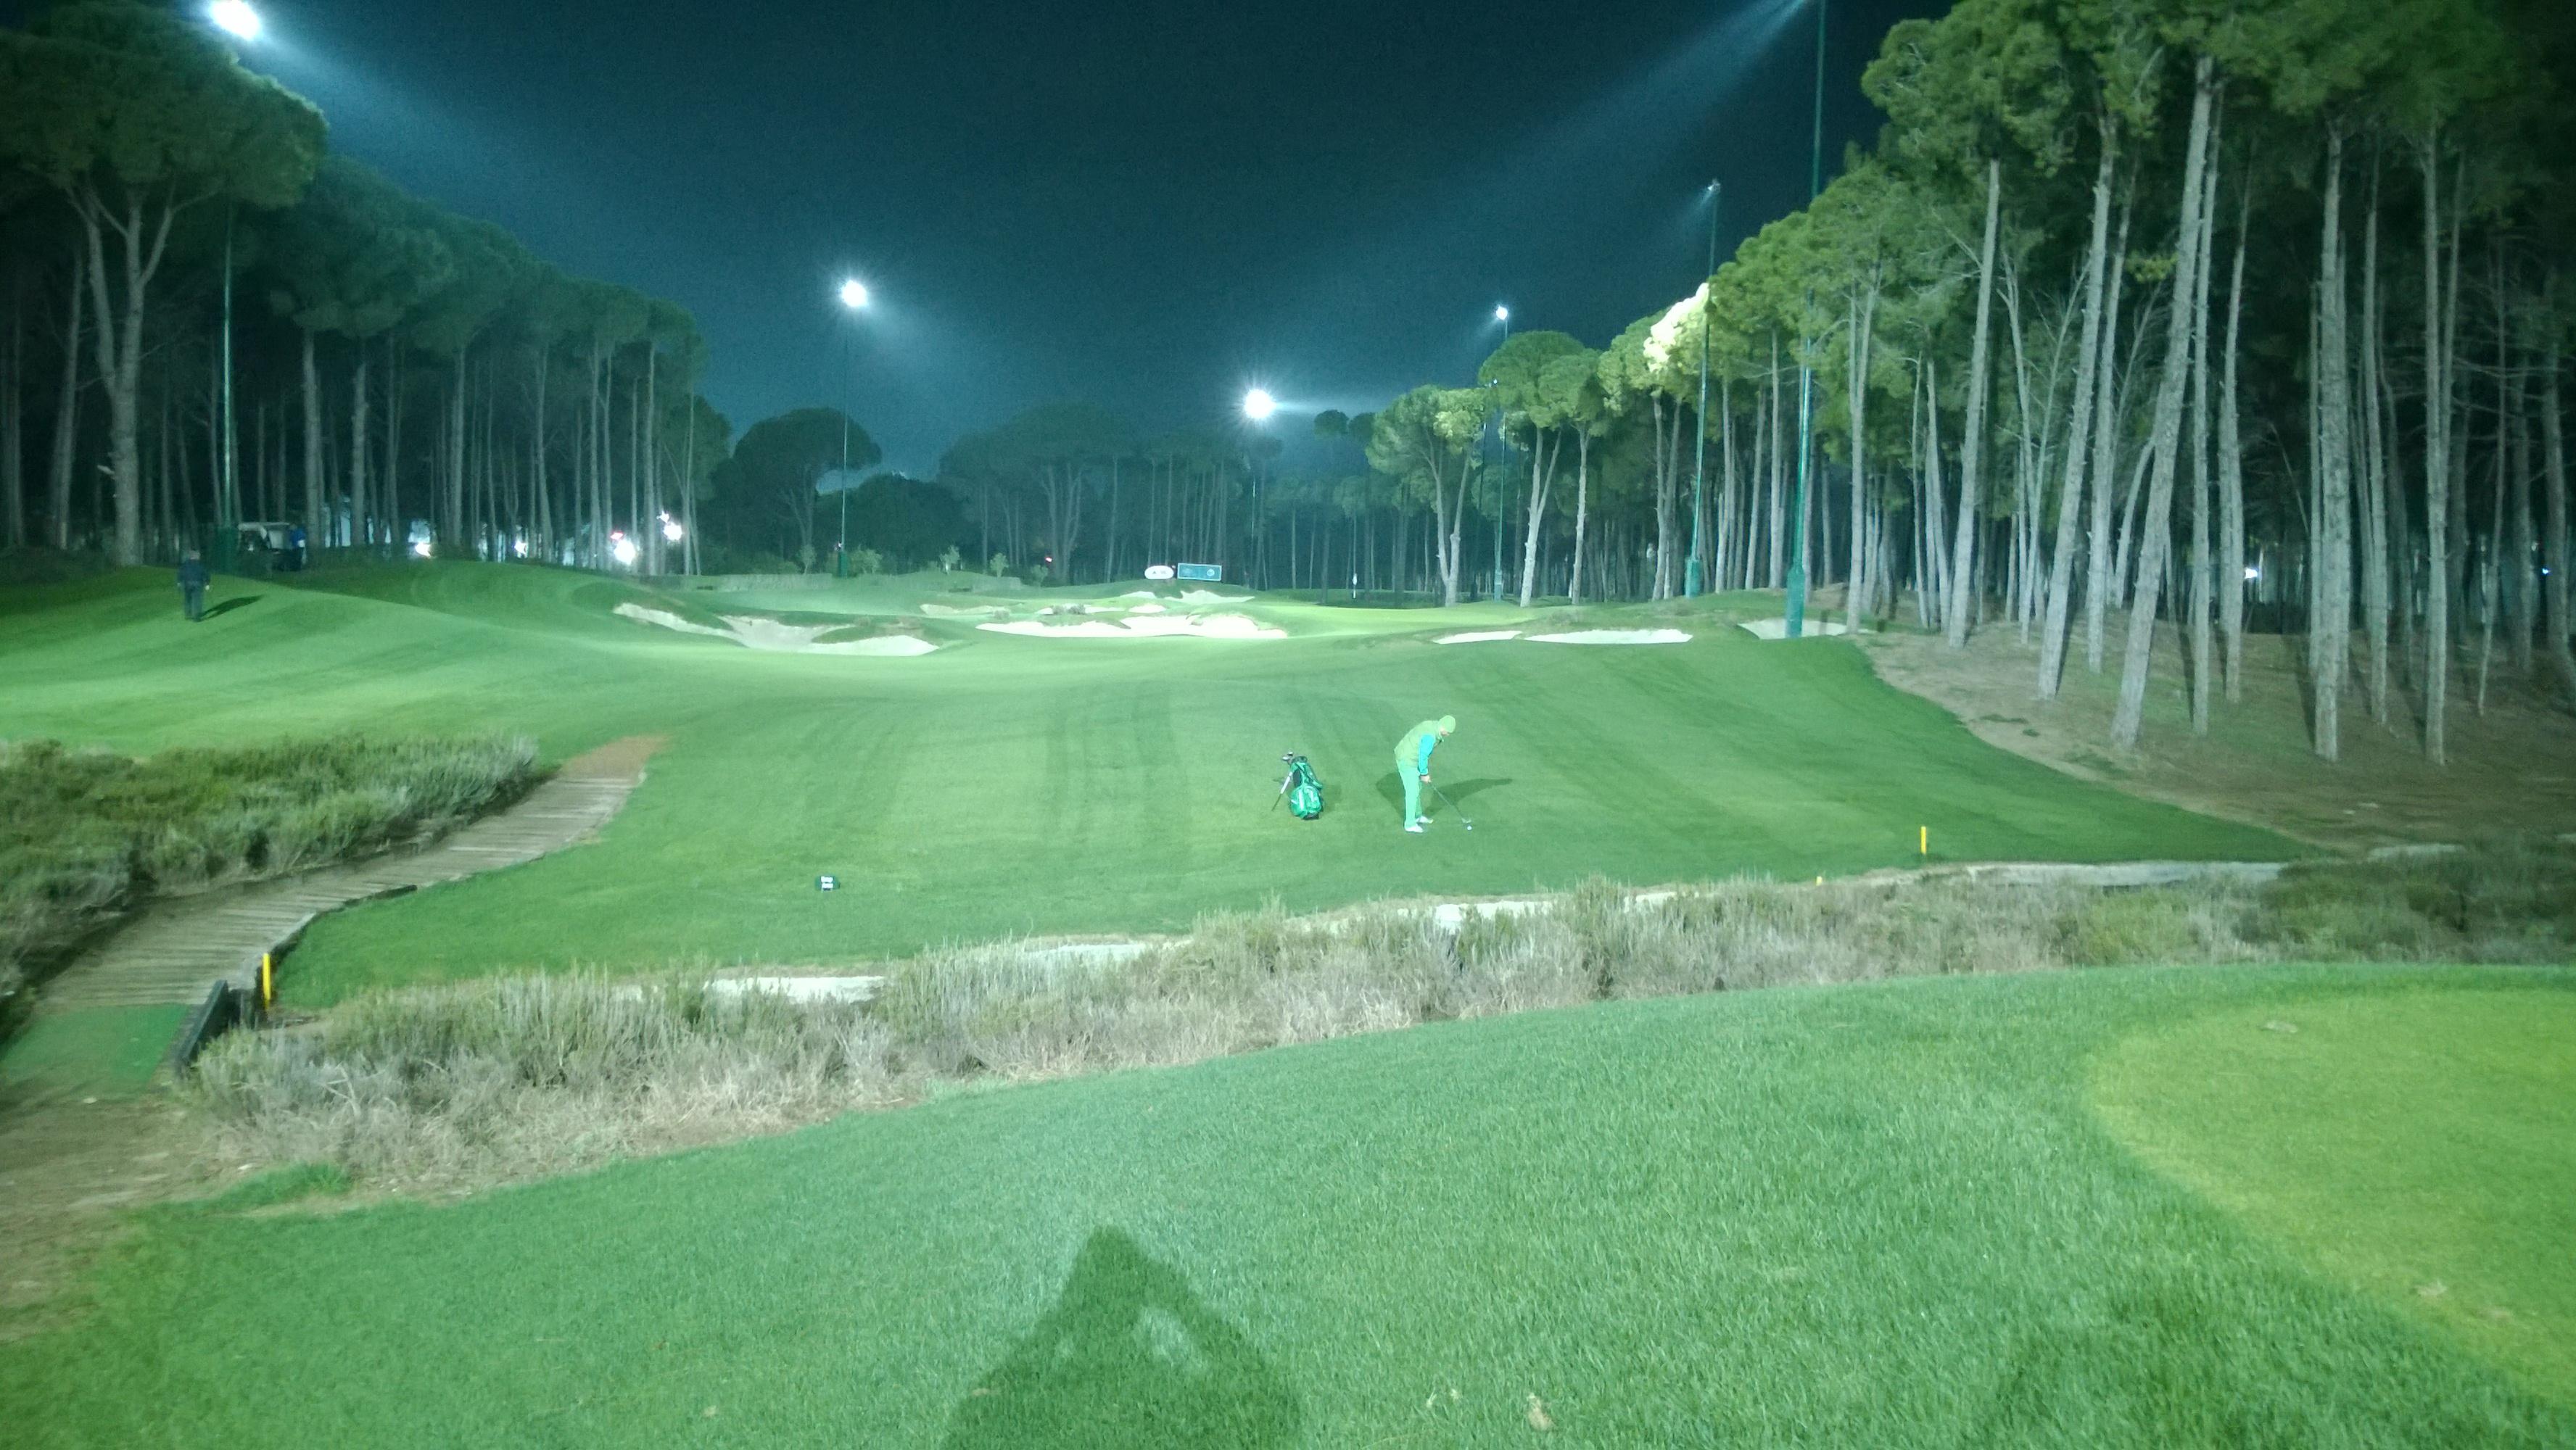 Race to Dubai, Race to Dubai-heisse Phase, Golfsport.News, Golfsport.News